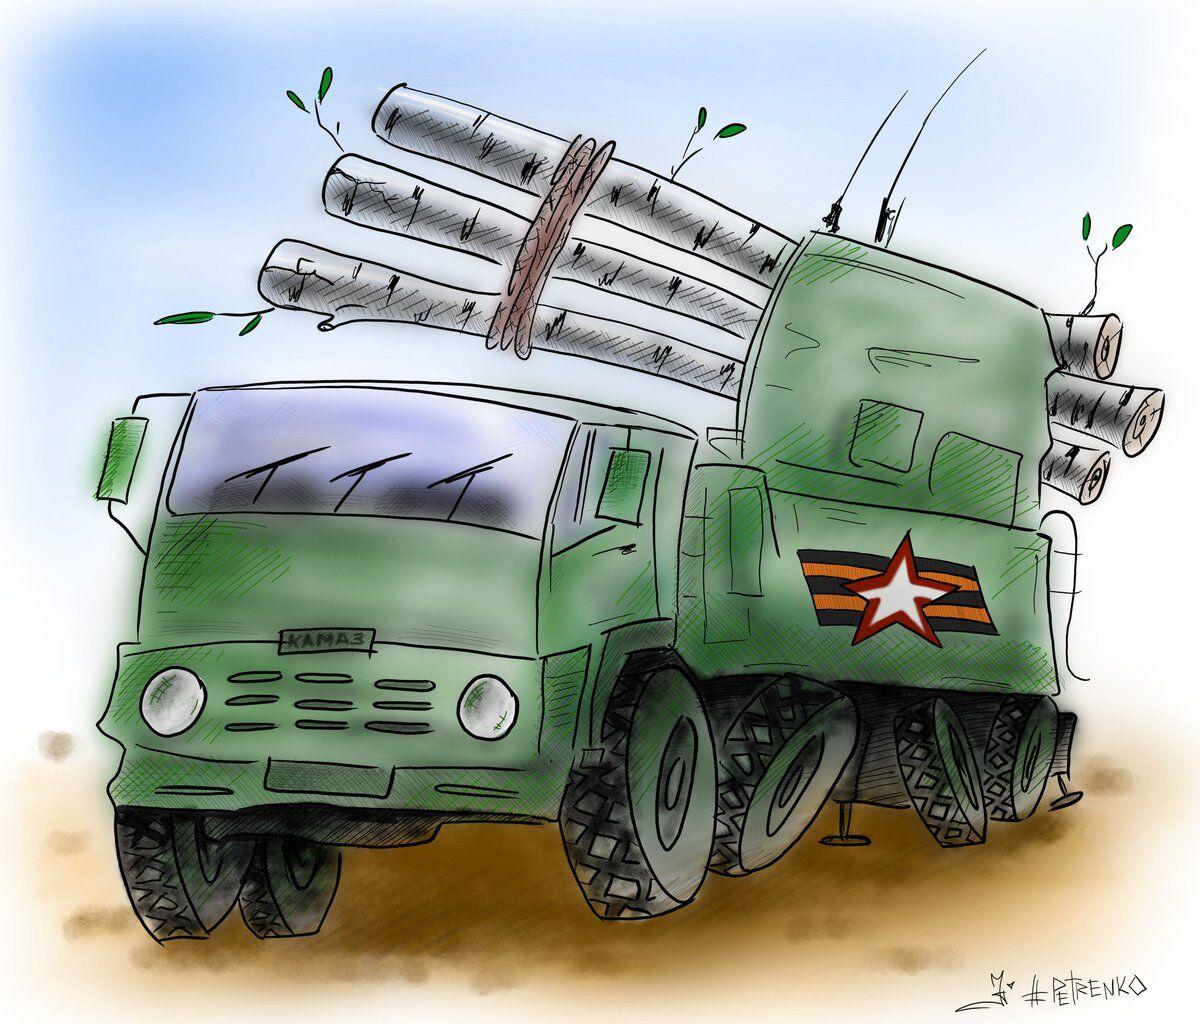 Мощь армии России высмеяли в едкой карикатуре